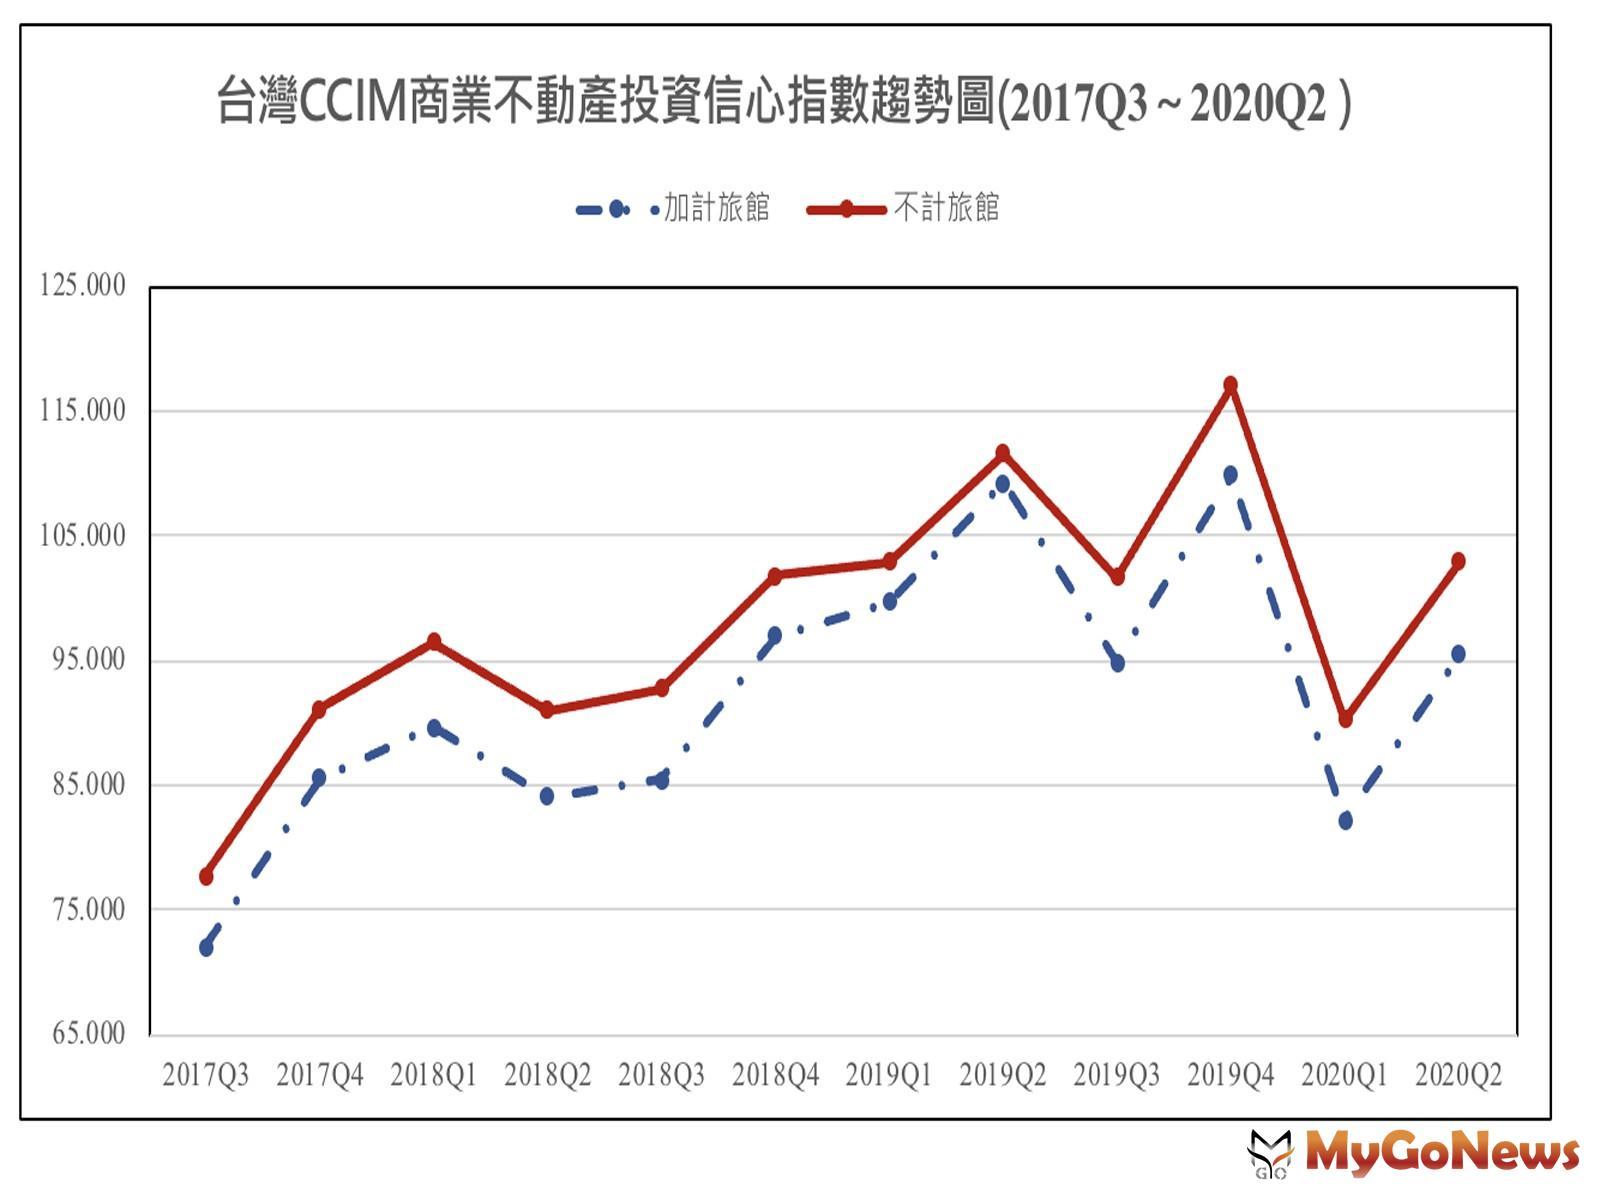 ▲台灣CCIM商業不動產投資信心指數趨勢圖(2017Q3~2020Q2)